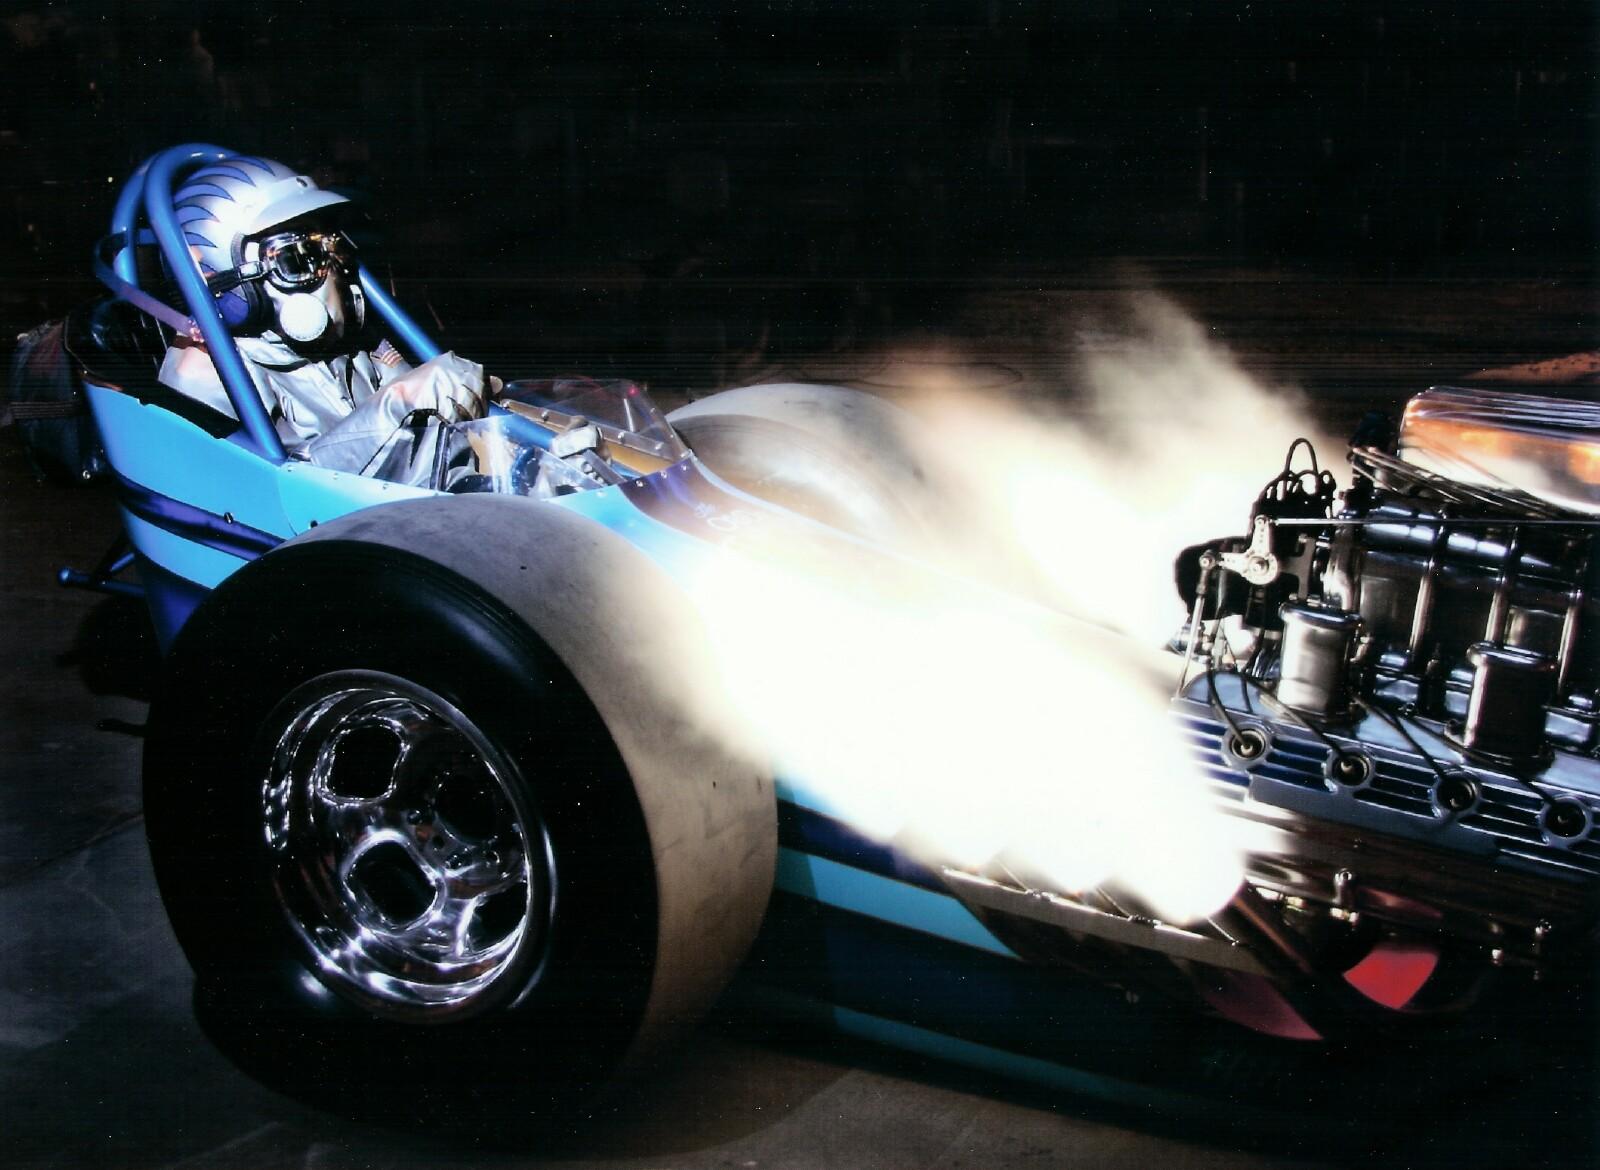 Top Fuel Drag Racer